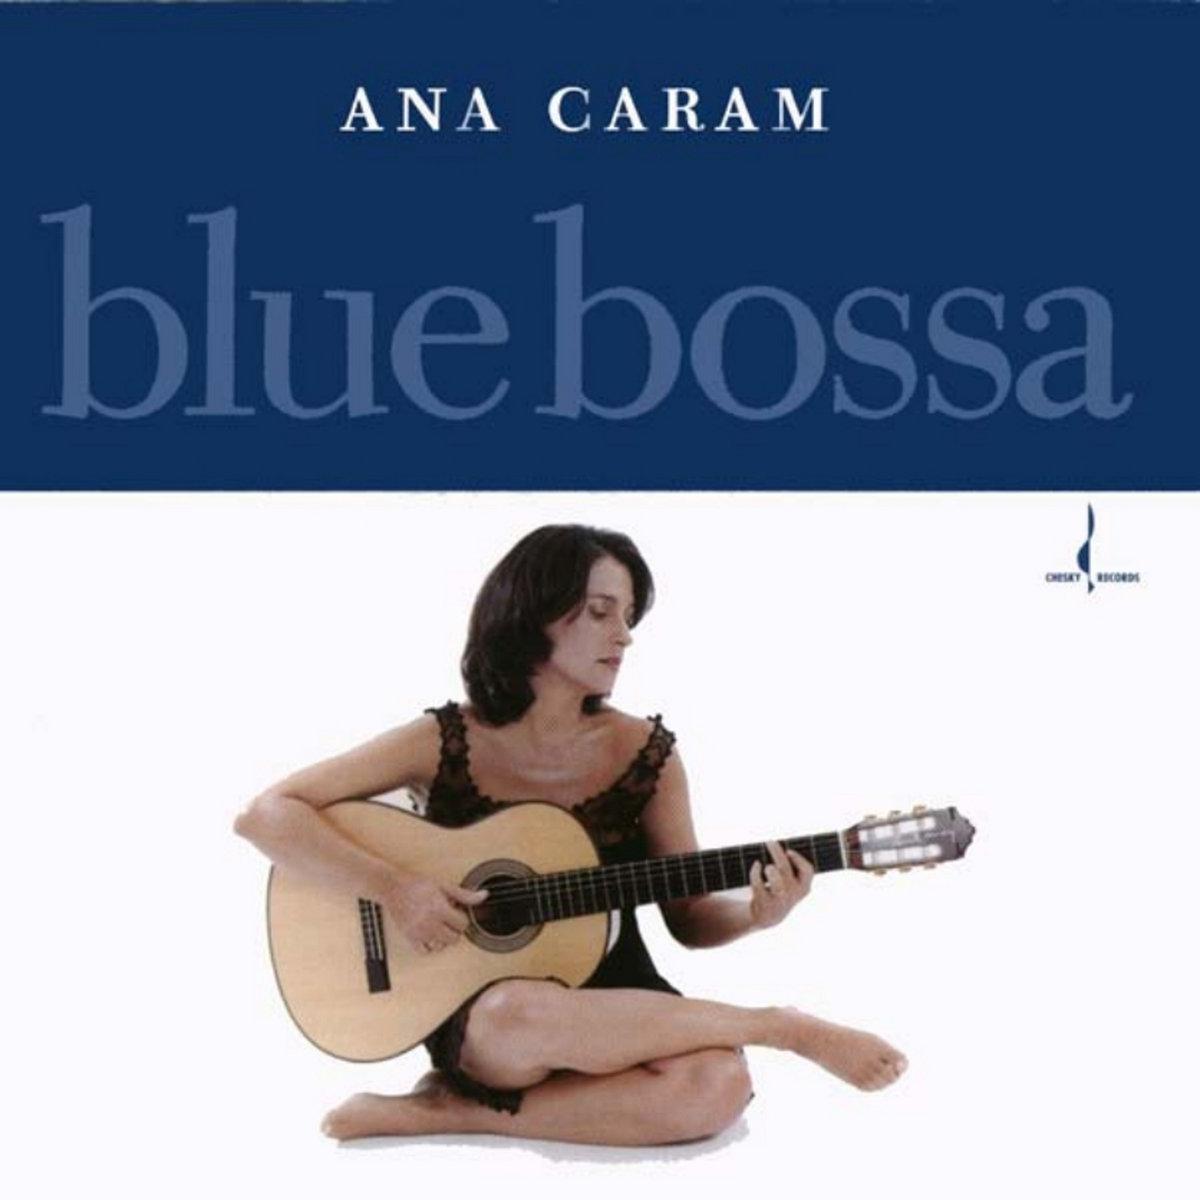 BOSSA CD GRÁTIS CARAM DOWNLOAD BLUE ANA